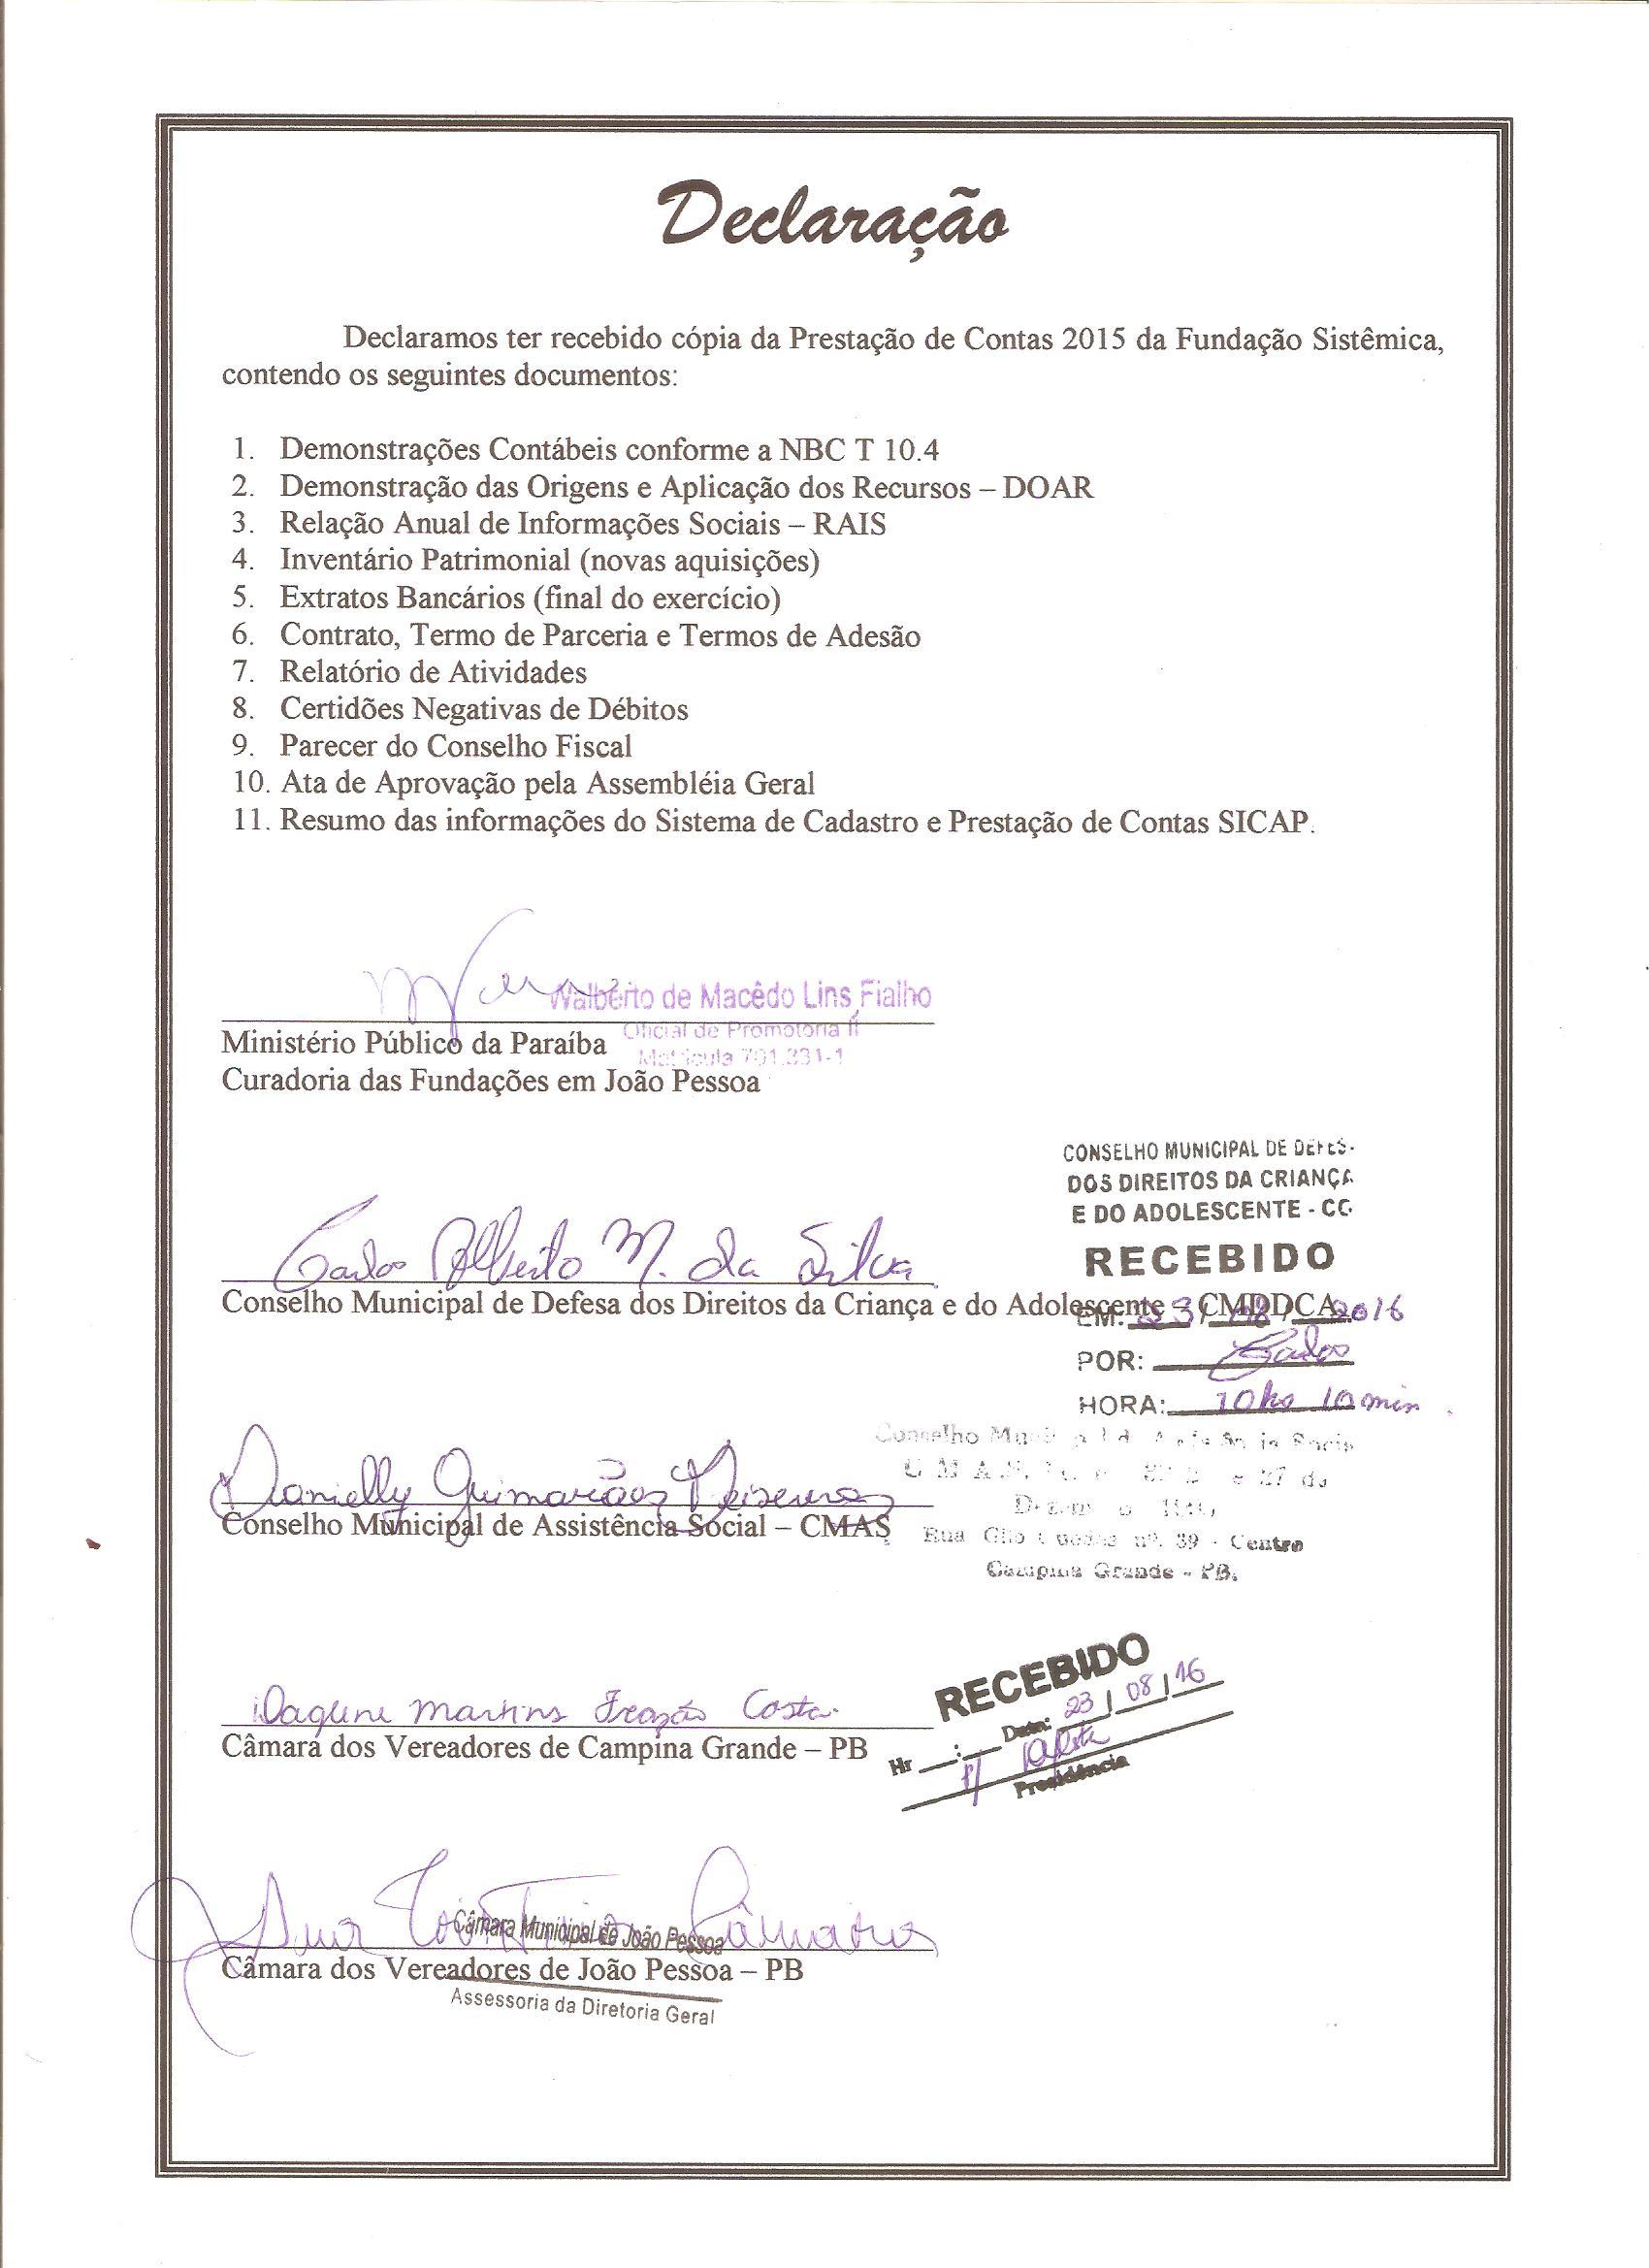 Declaração de Prestação de Contas 2015